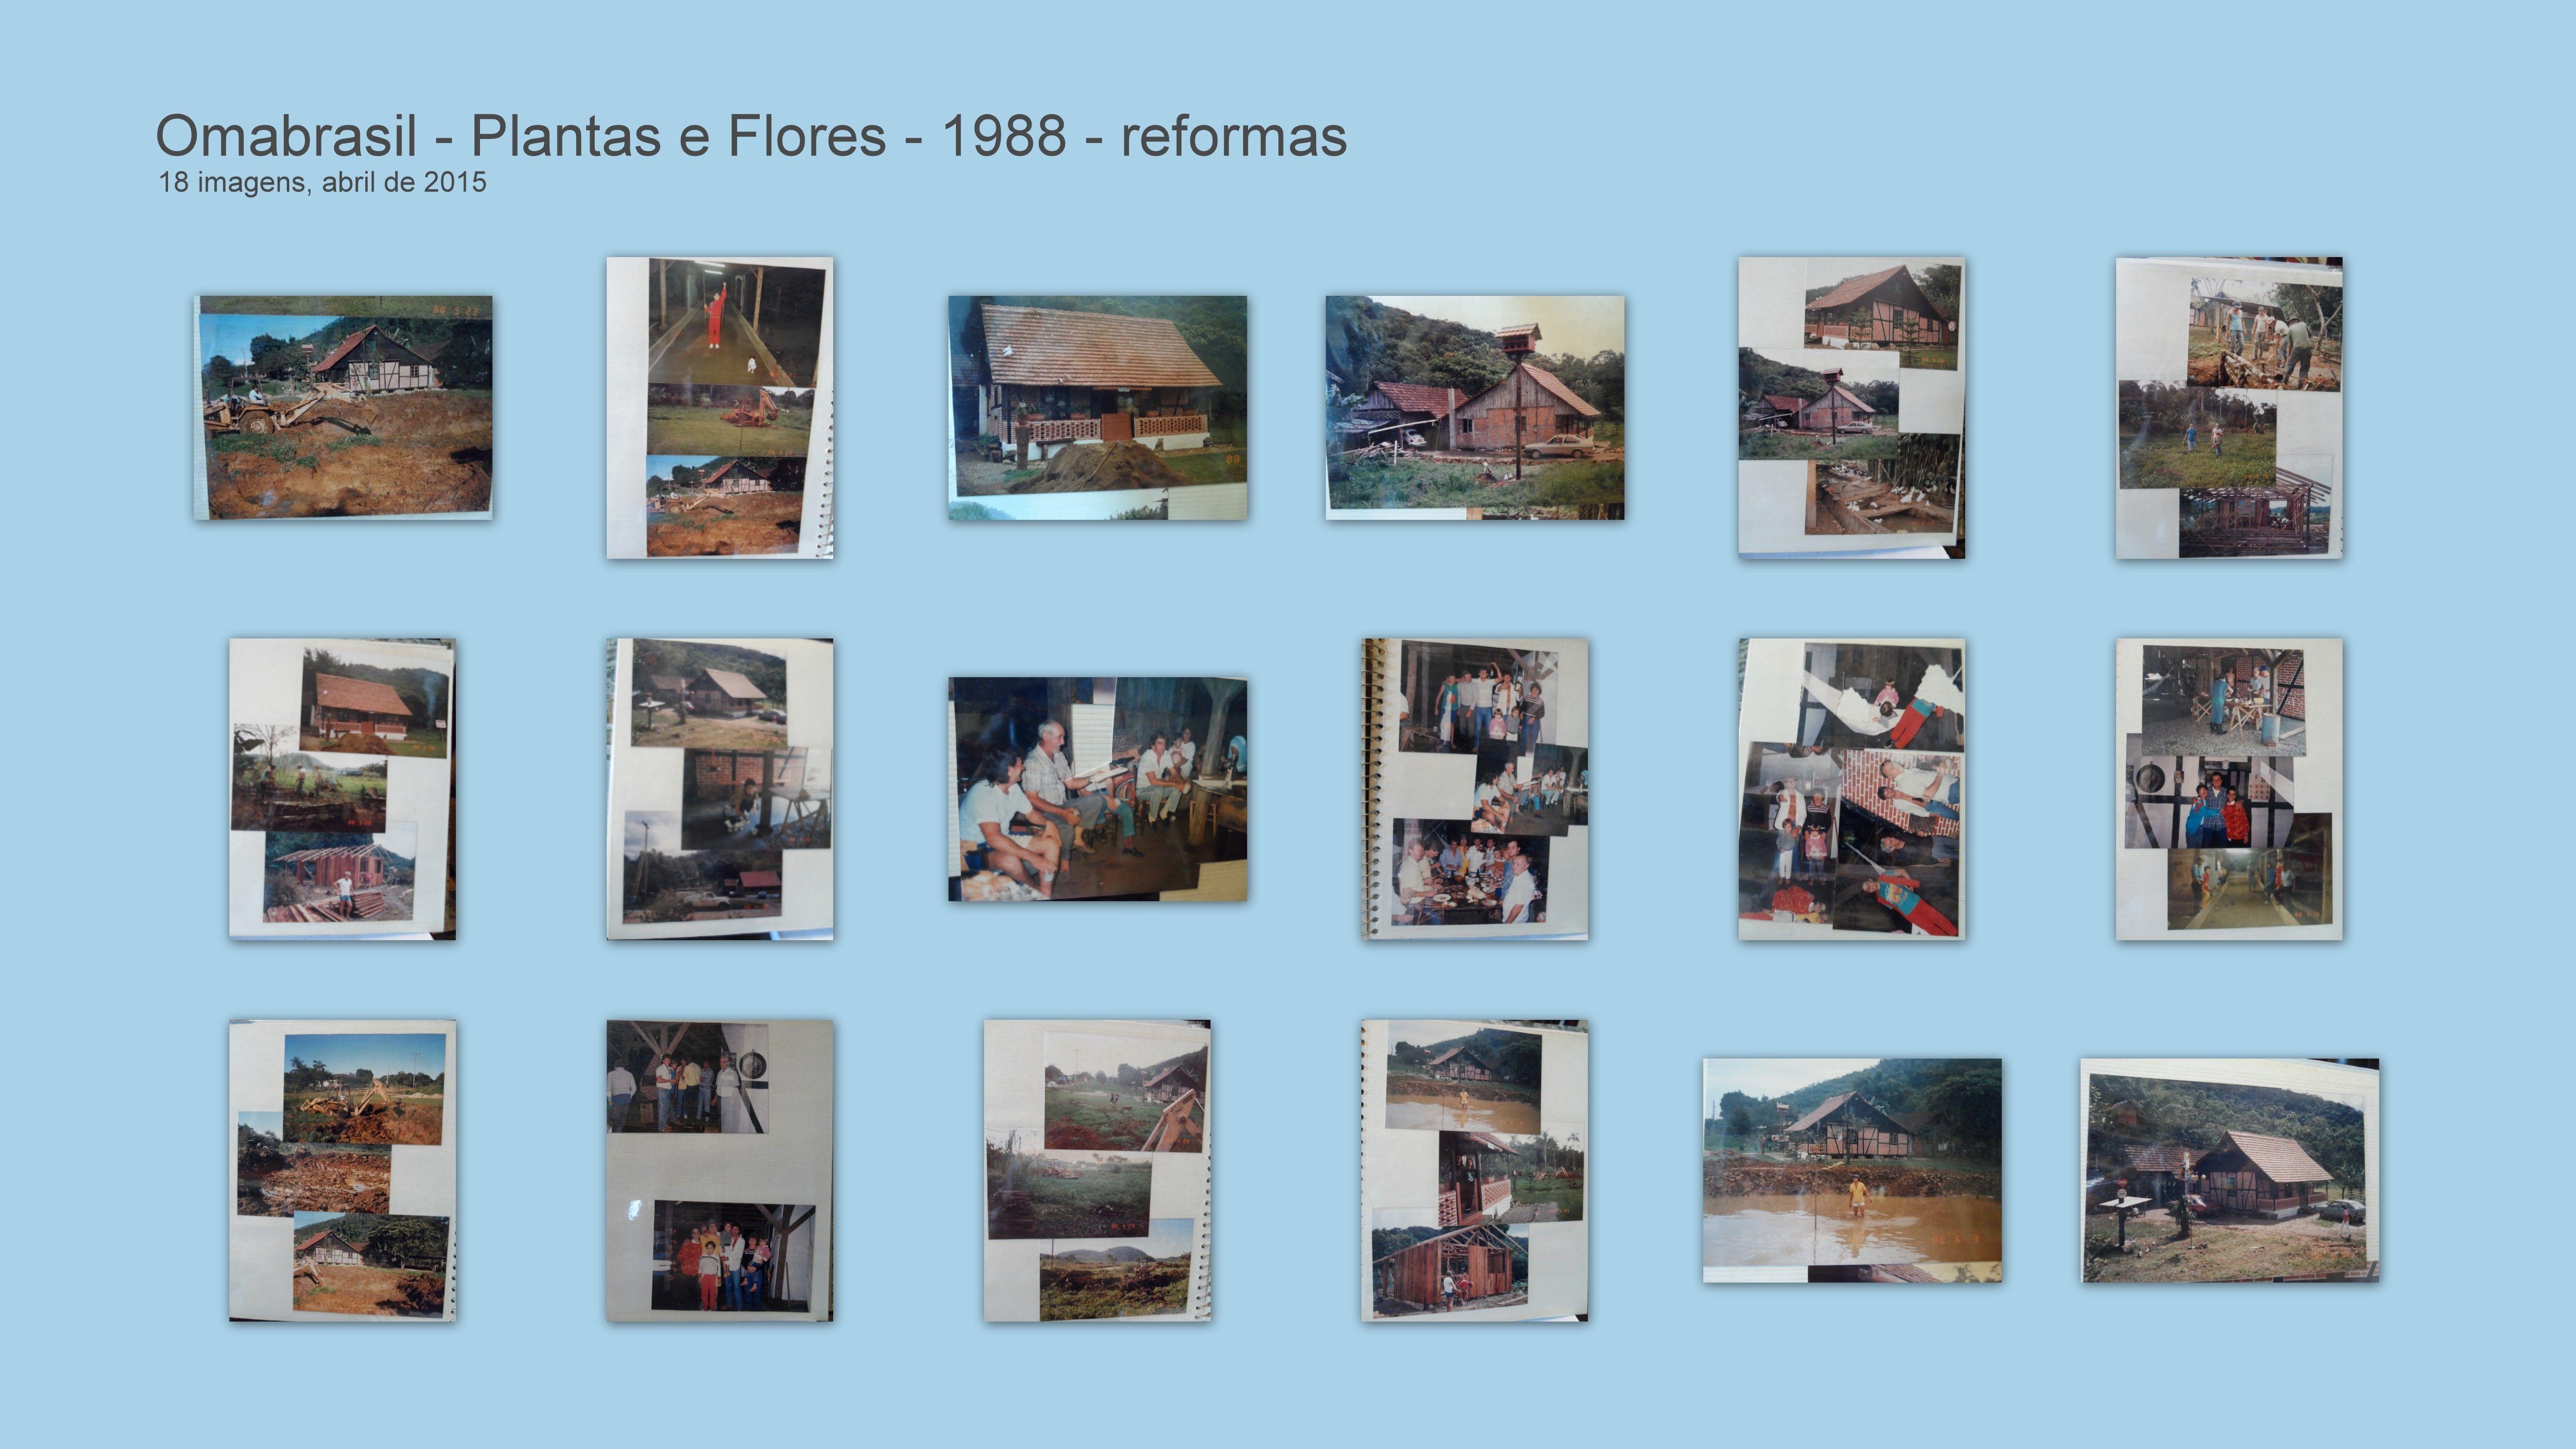 REFORMA INICIAL DA CASA ENXAIMEL - 1988 - Joinville - SC - BRASIL